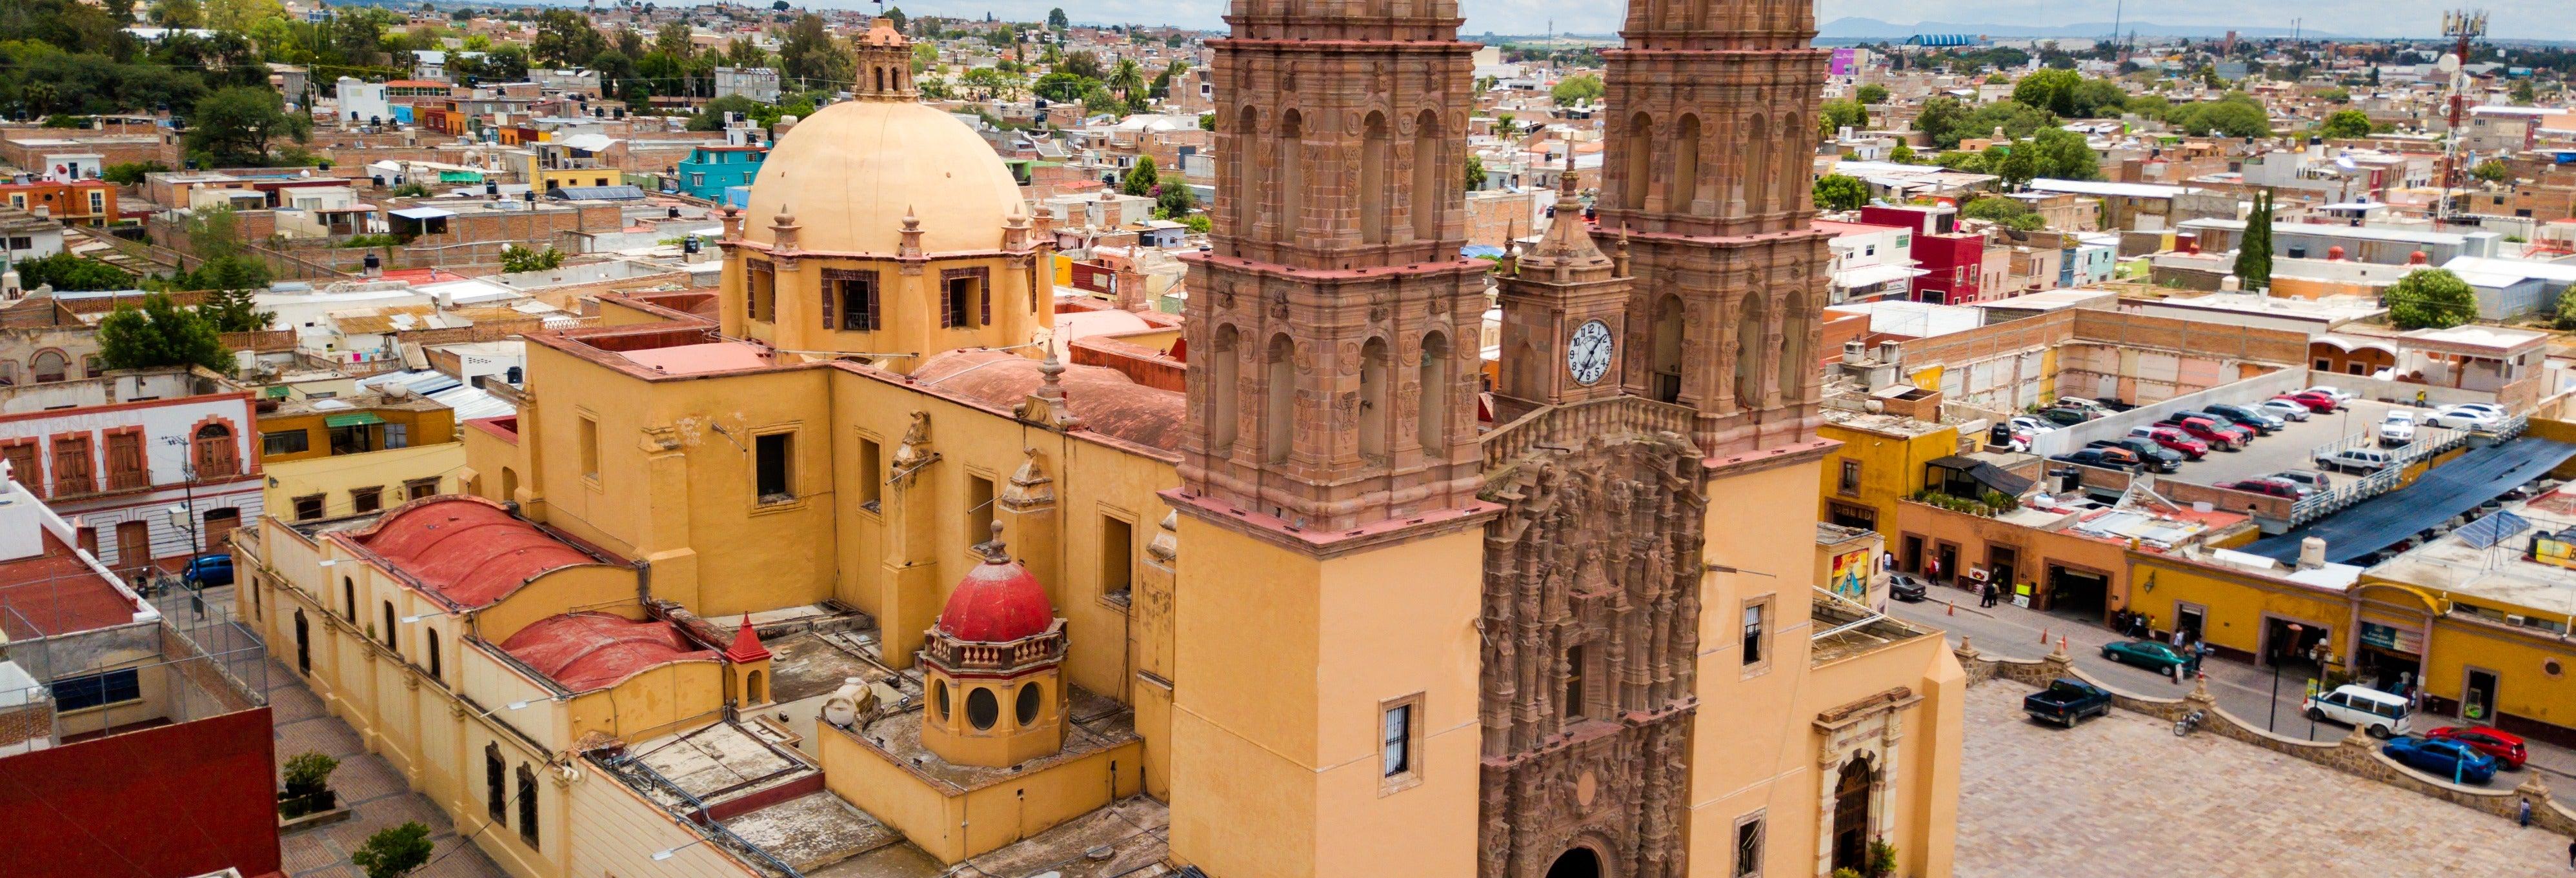 Excursão pelos povoados da independência mexicana